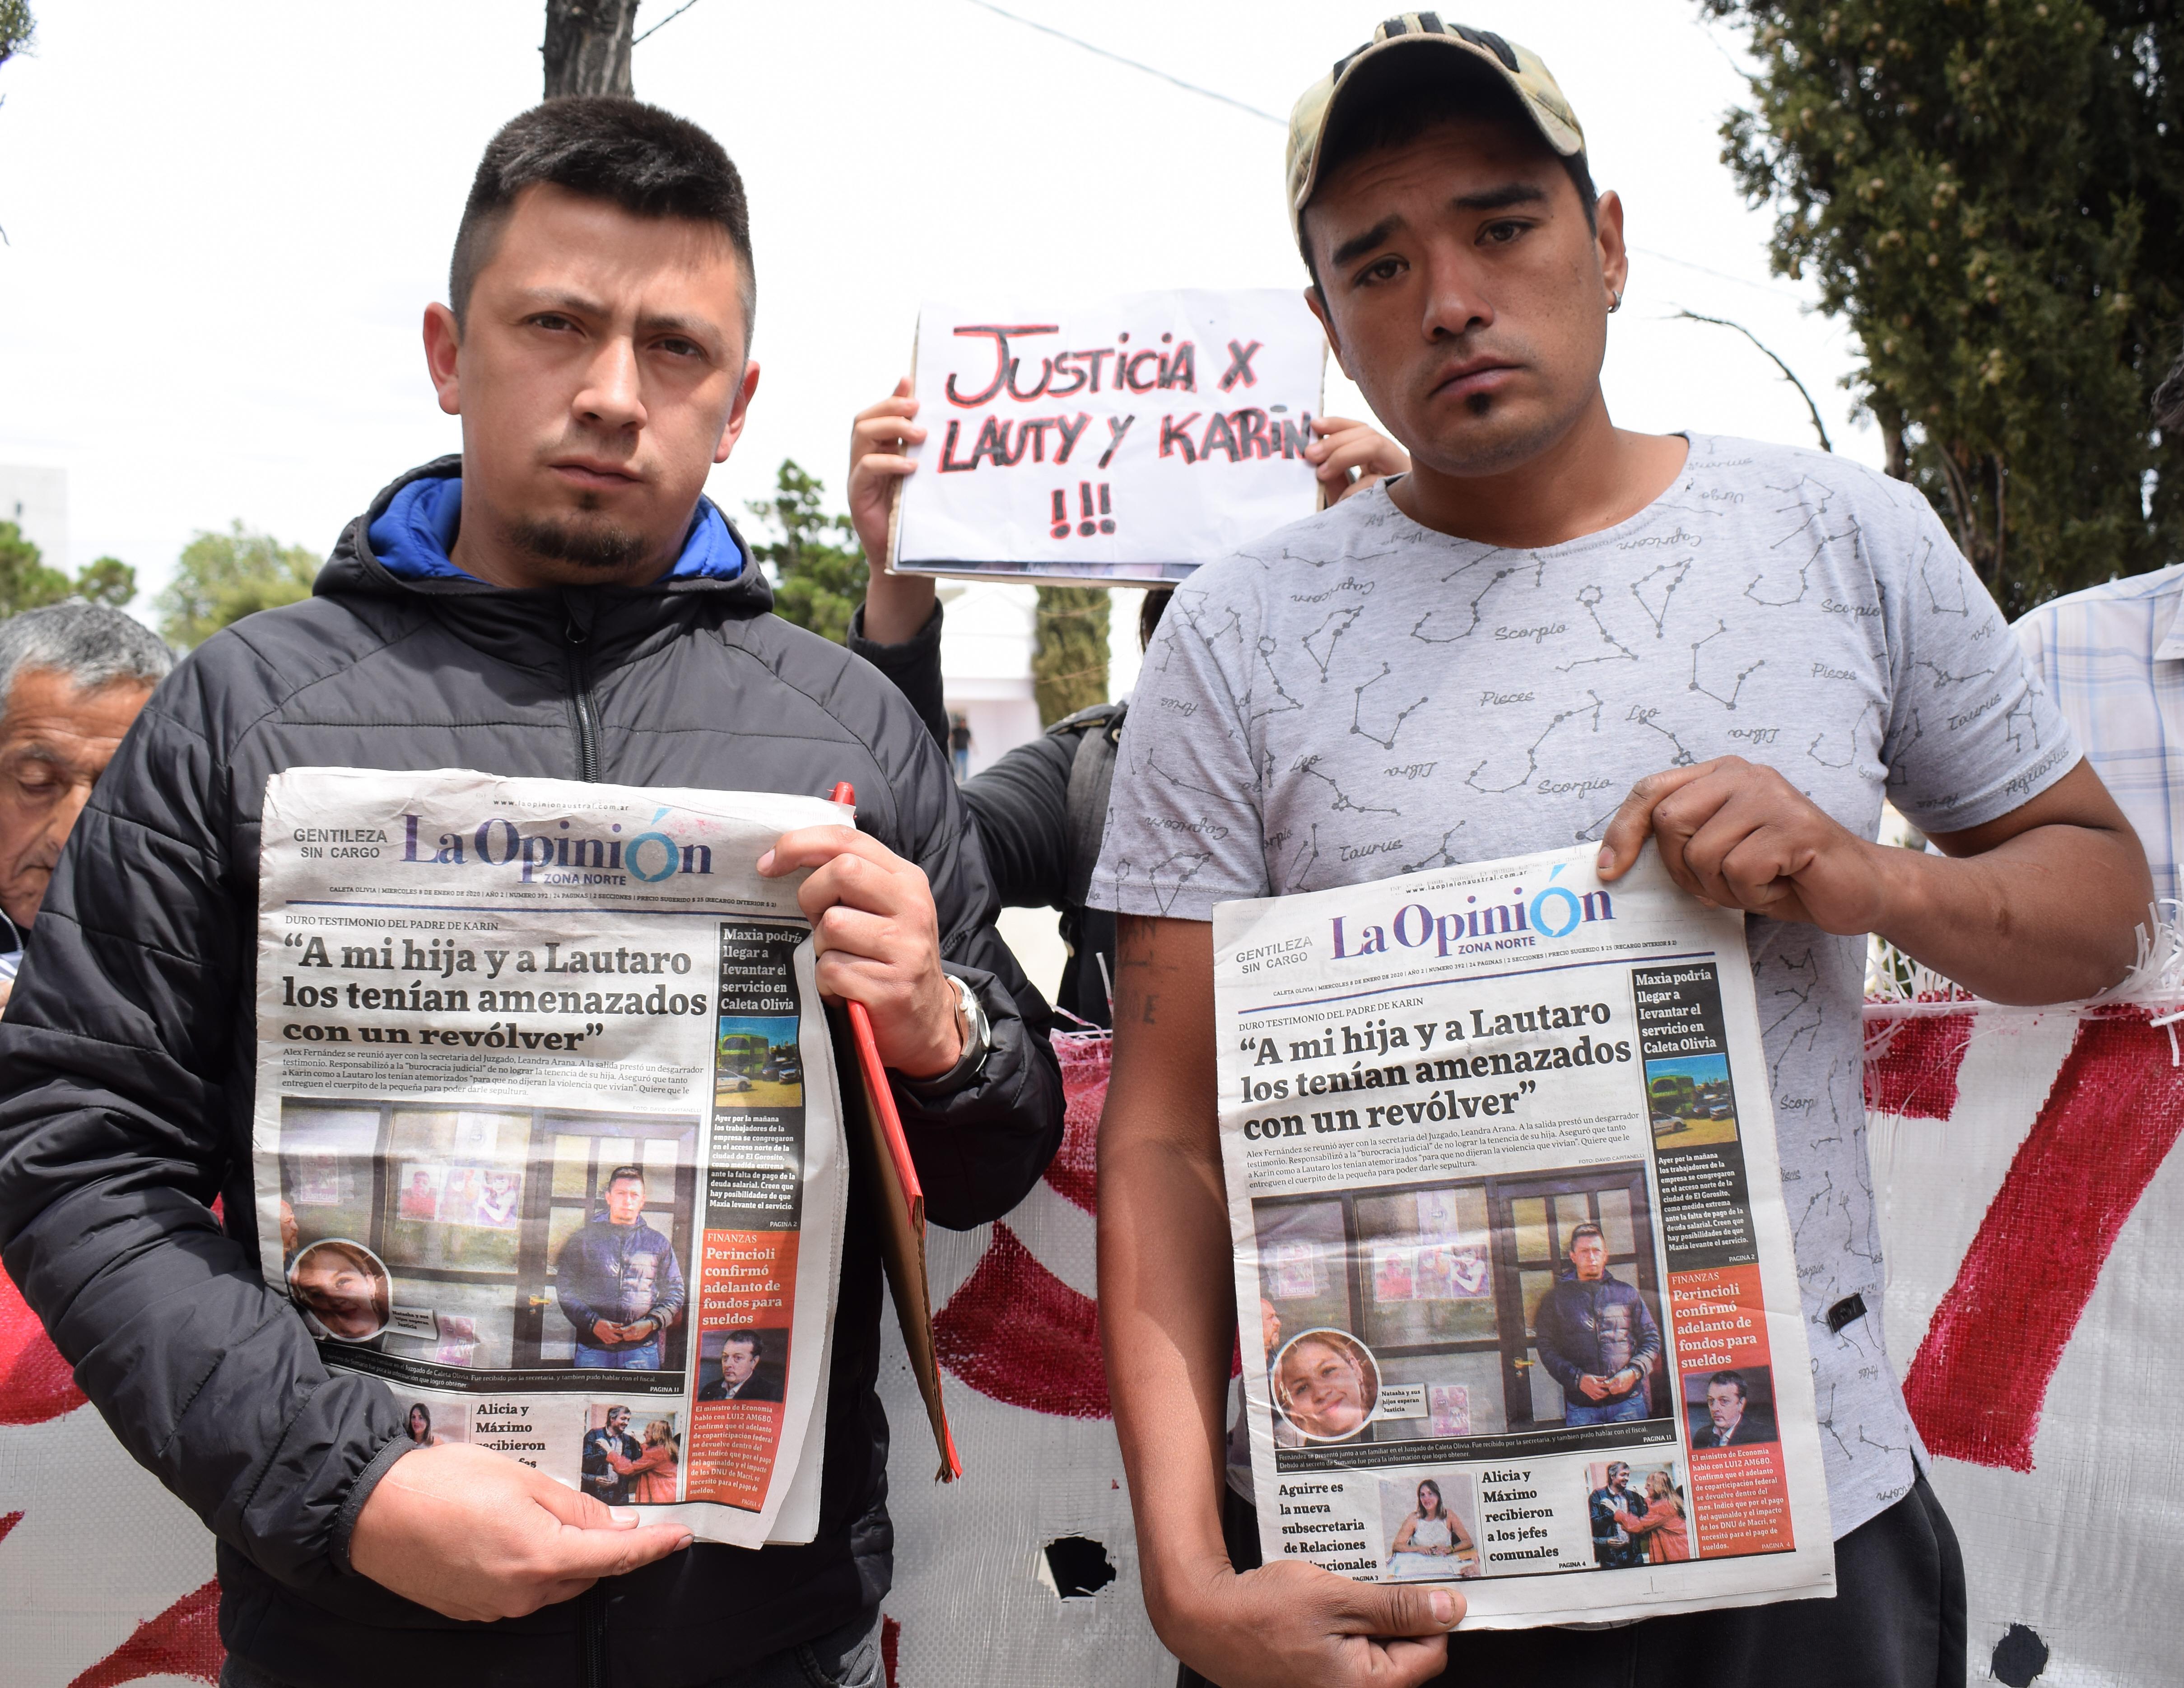 Los padres de Lauty y Karin, los niños que murieron carbonizados junto a su madre Natasha Shucmacher. Imagen de las primeras marchas de los familiares pidiendo 'Justicia'. FOTO: DAVID CAPITANELLI / LA OPINIÓN ZONA NORTE